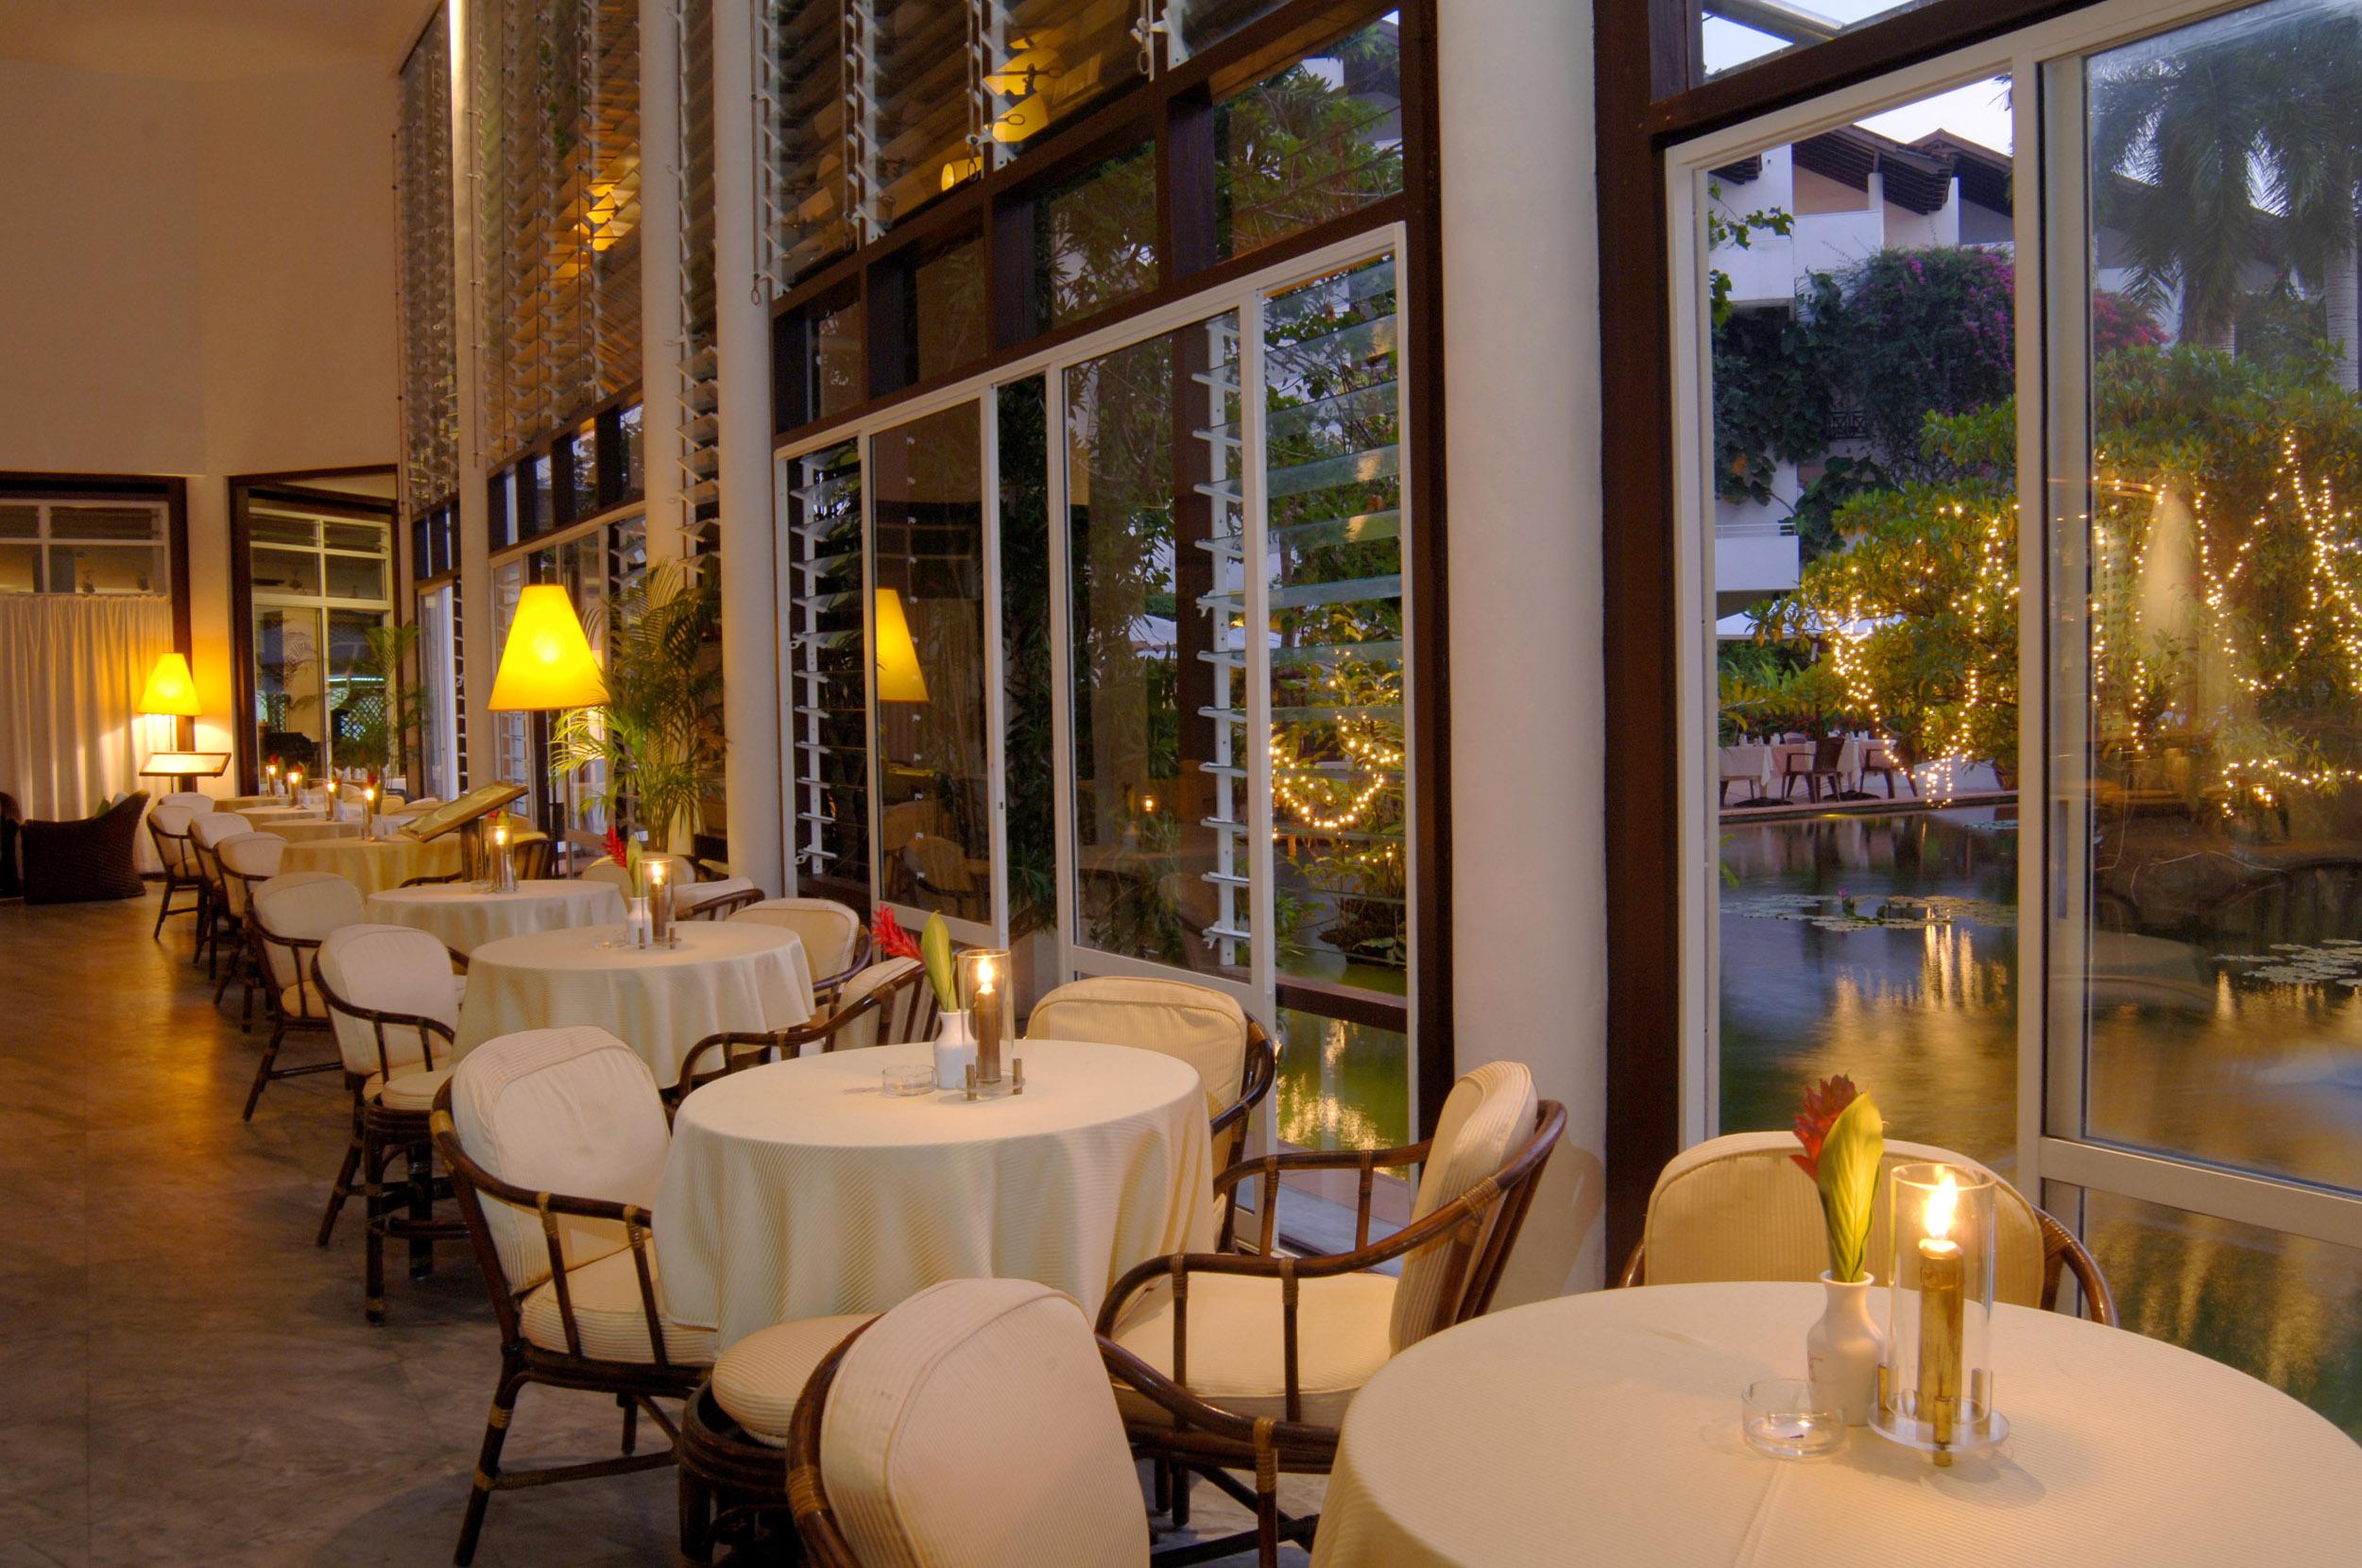 Hotel Bar mit Kerzenlicht